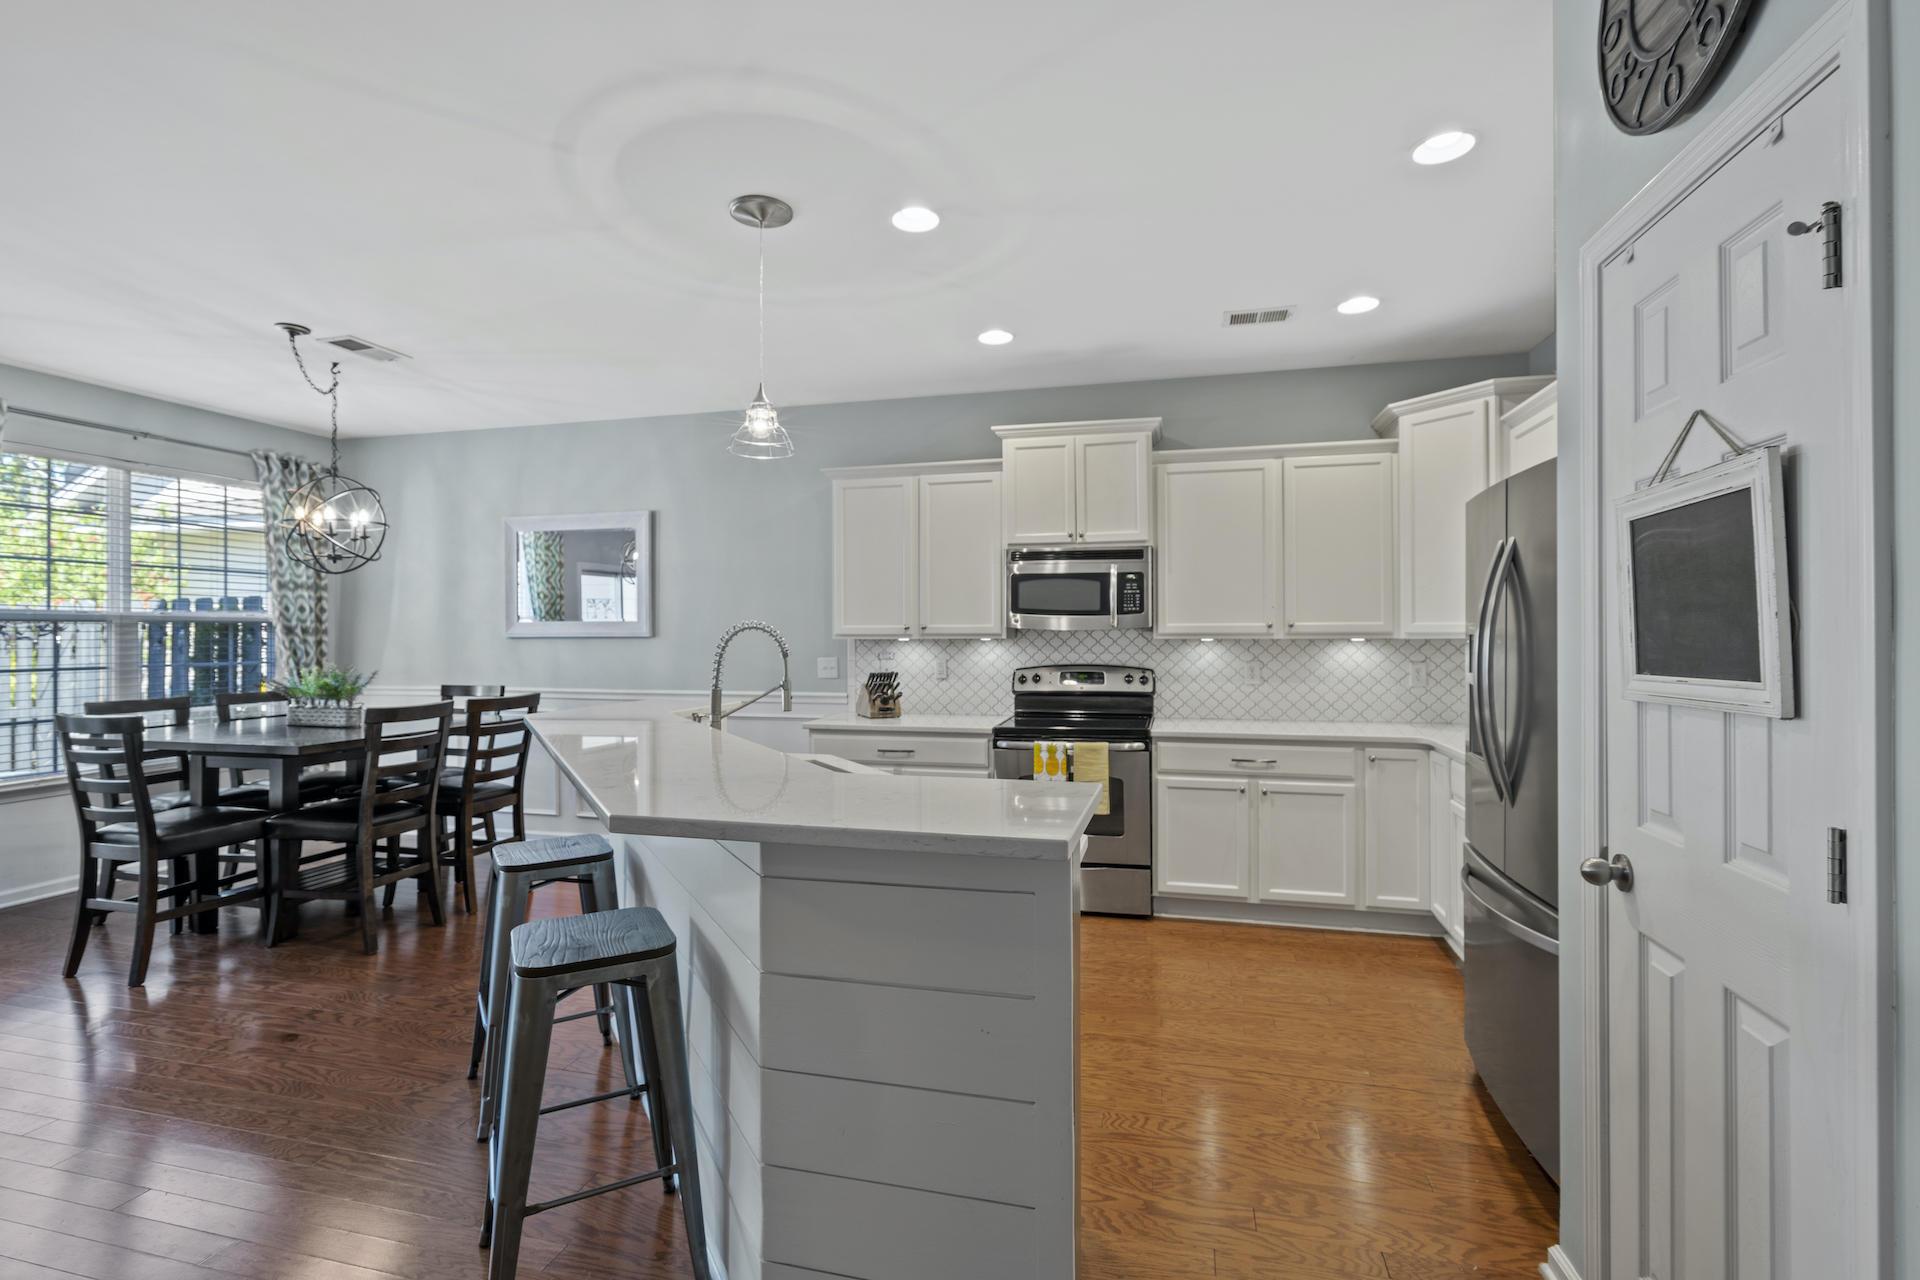 Park West Homes For Sale - 3061 Park West, Mount Pleasant, SC - 11